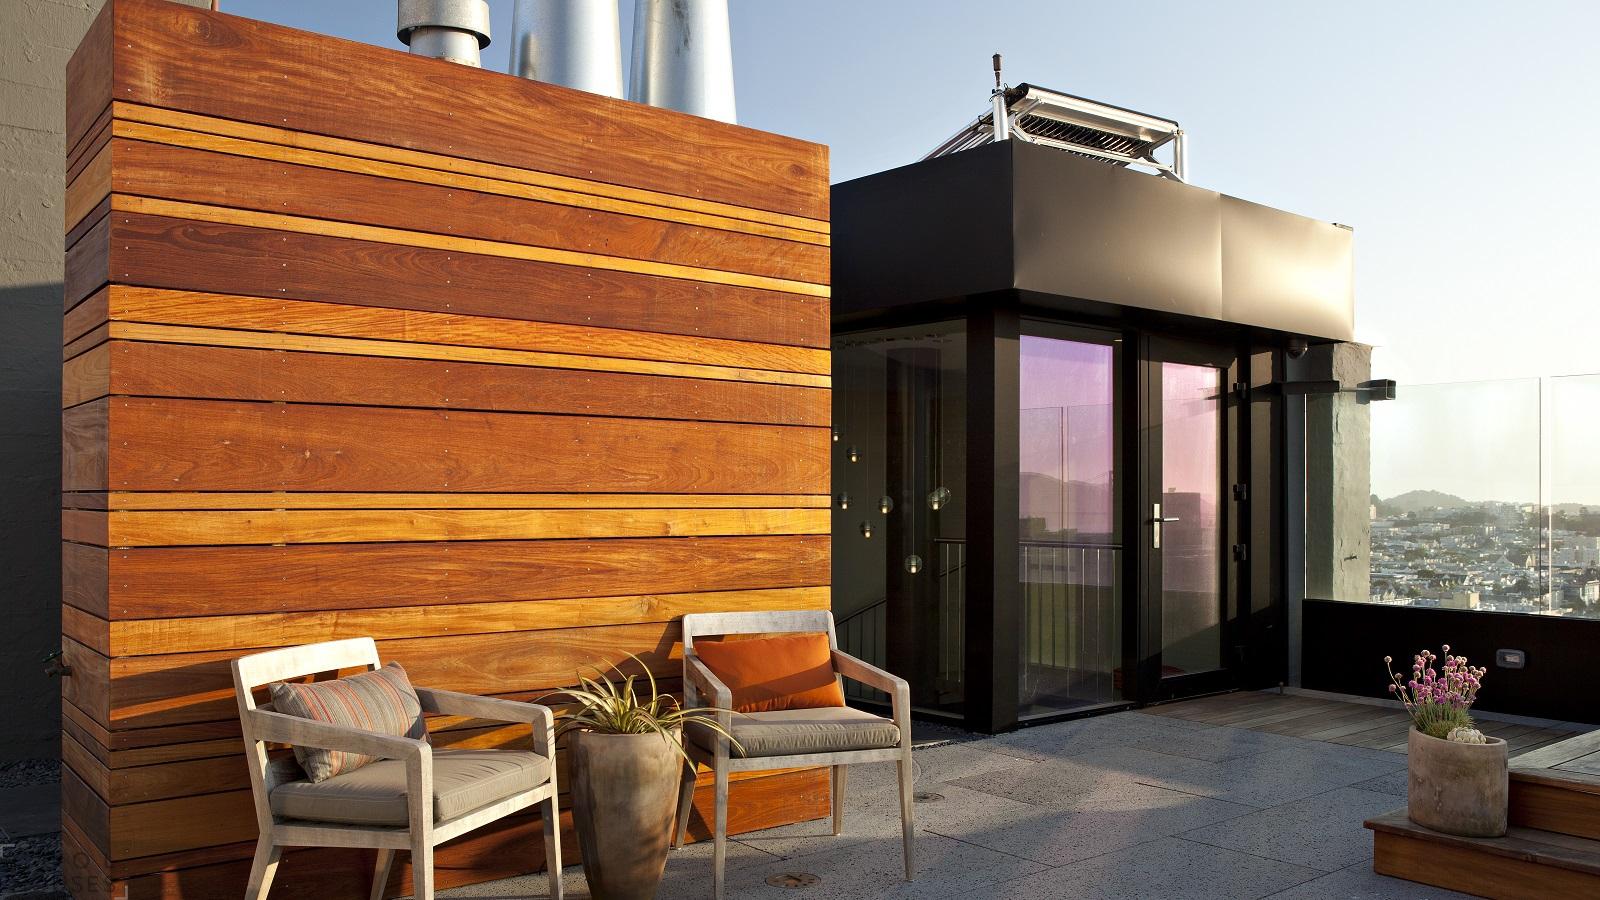 Элитная квартира в престижном районе Сан-Франциско